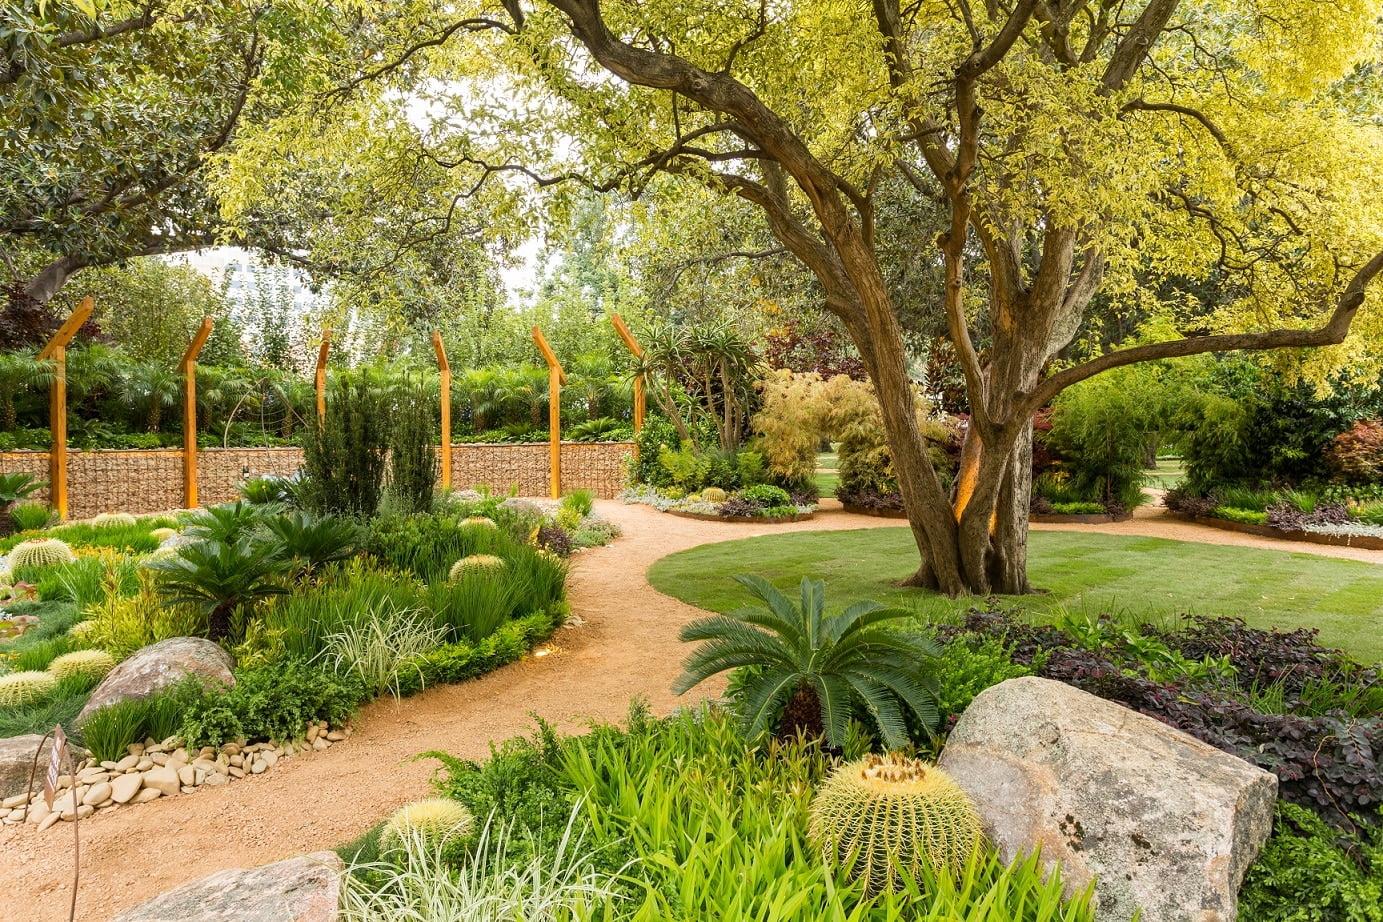 Gallery - Melbourne International Flower & Garden Show